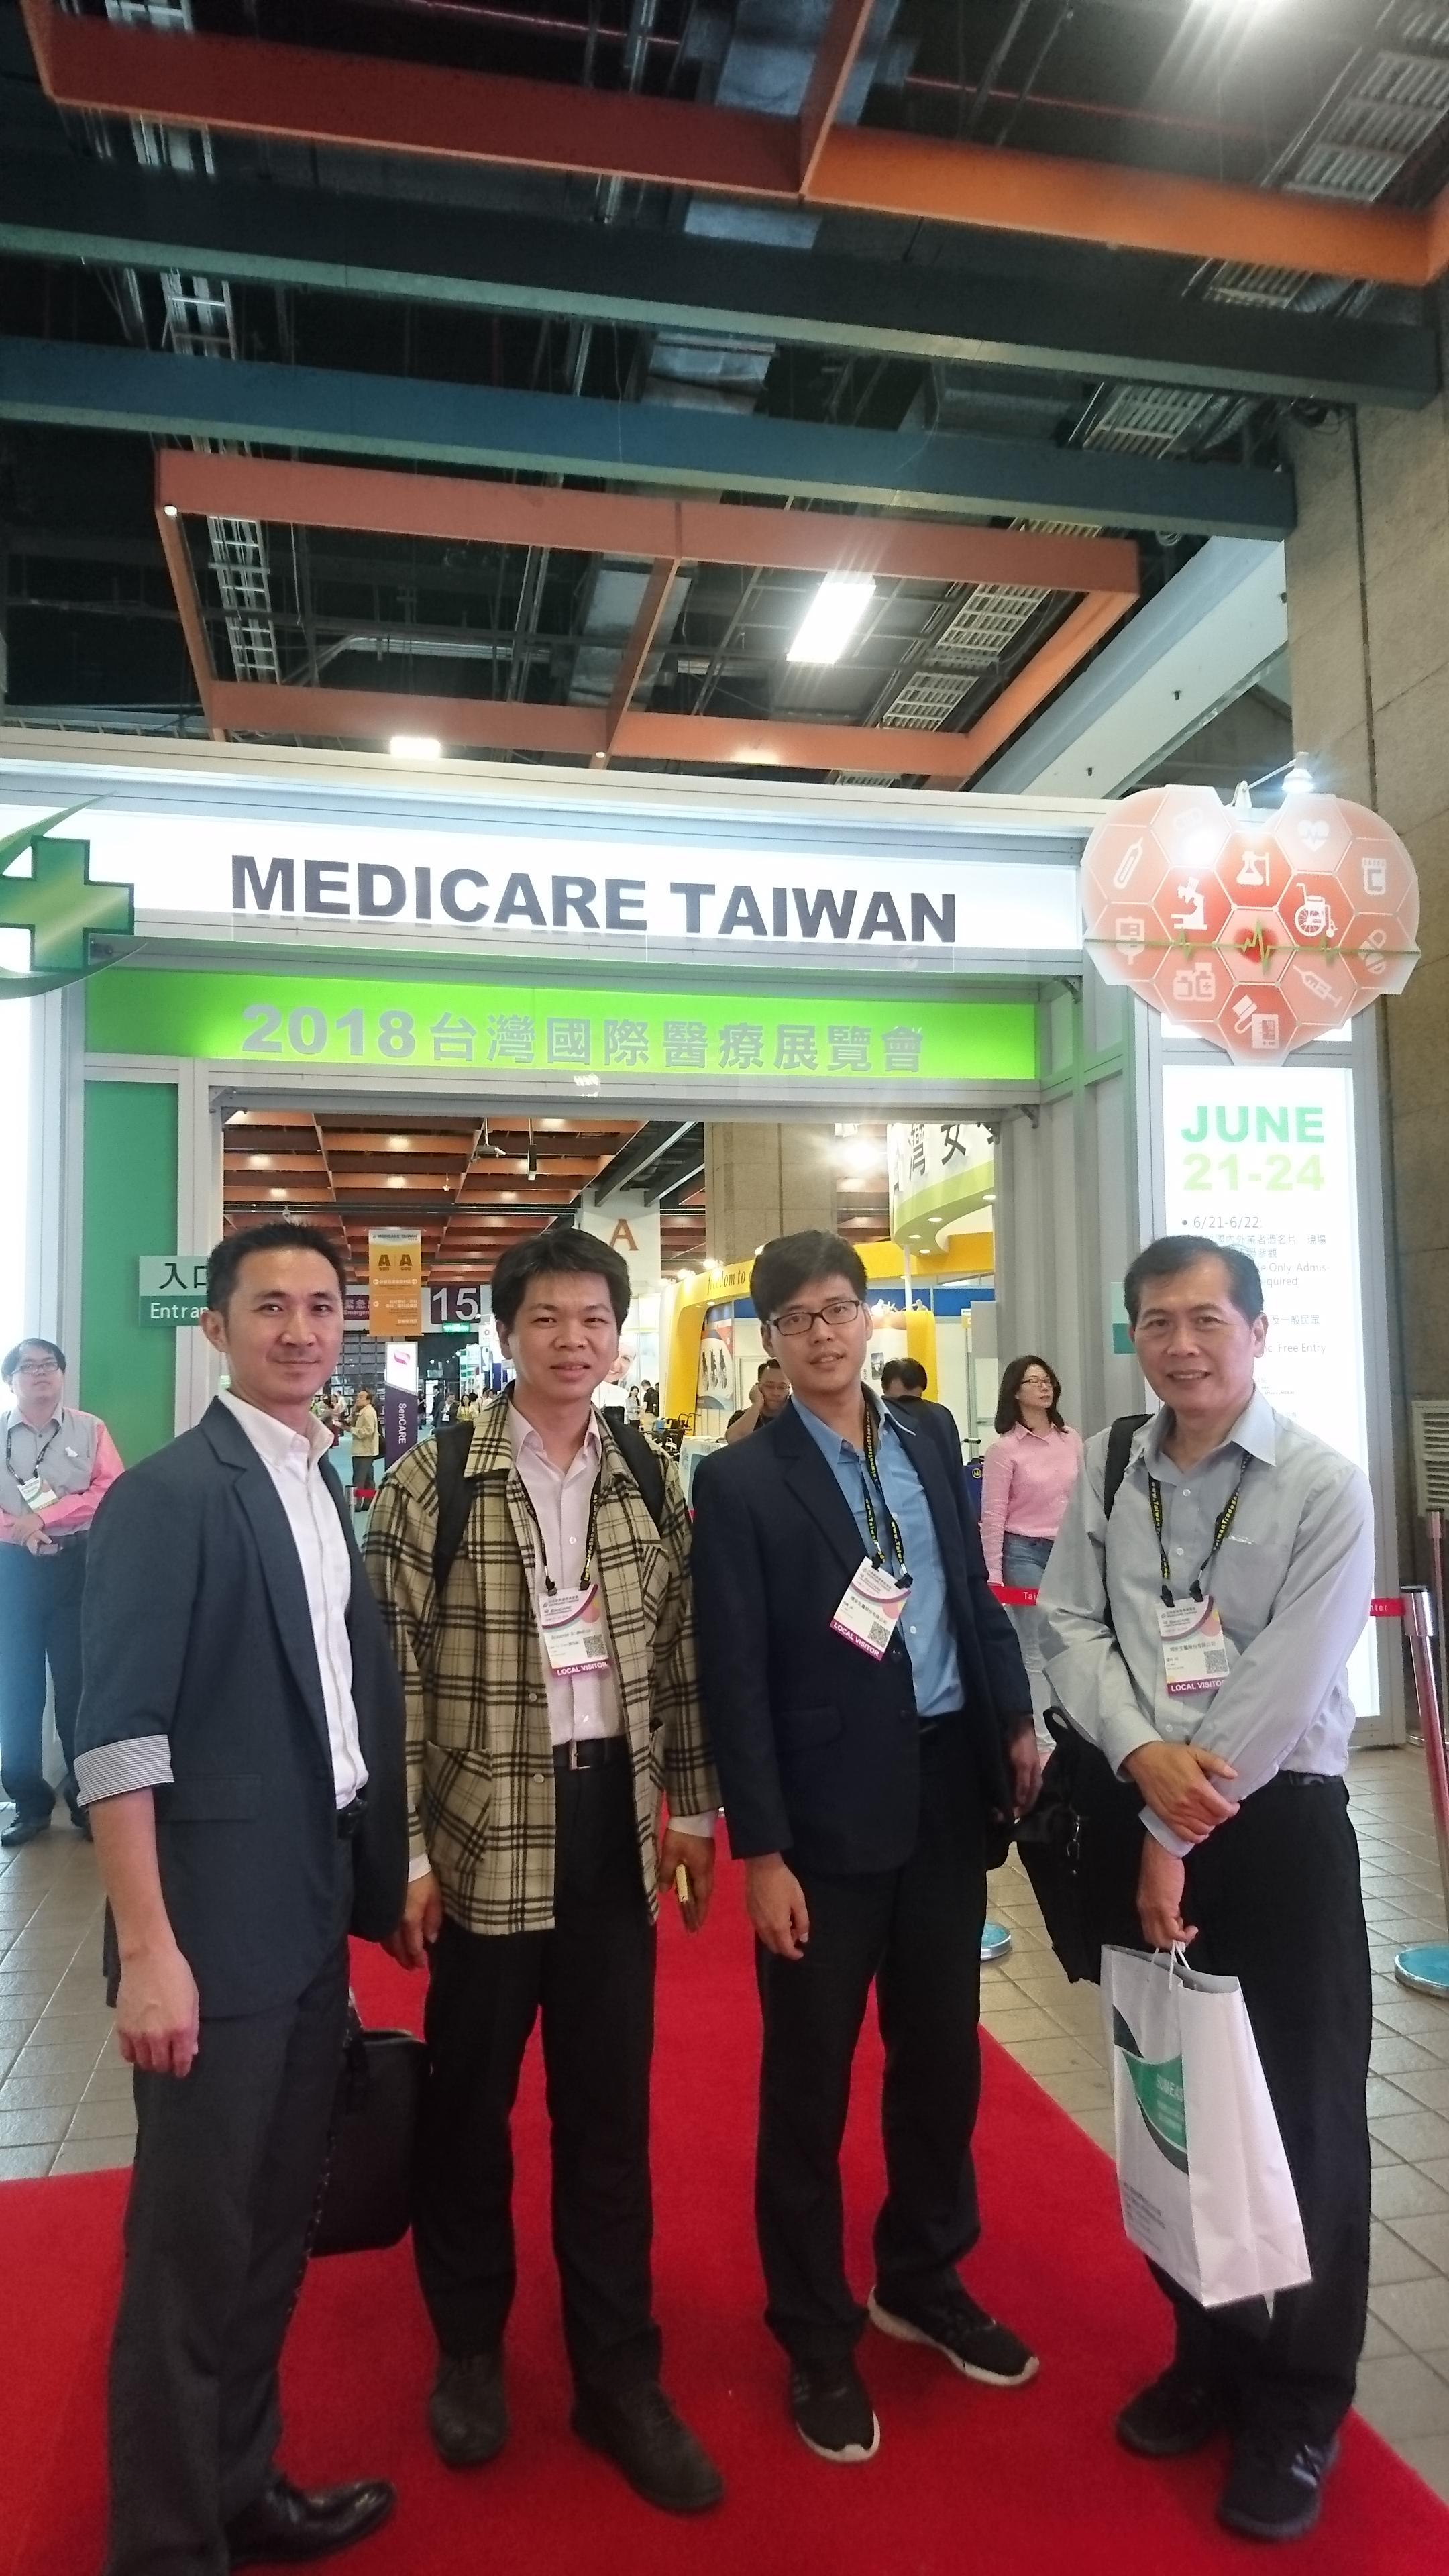 翔安公司成員參加台灣國際醫療展